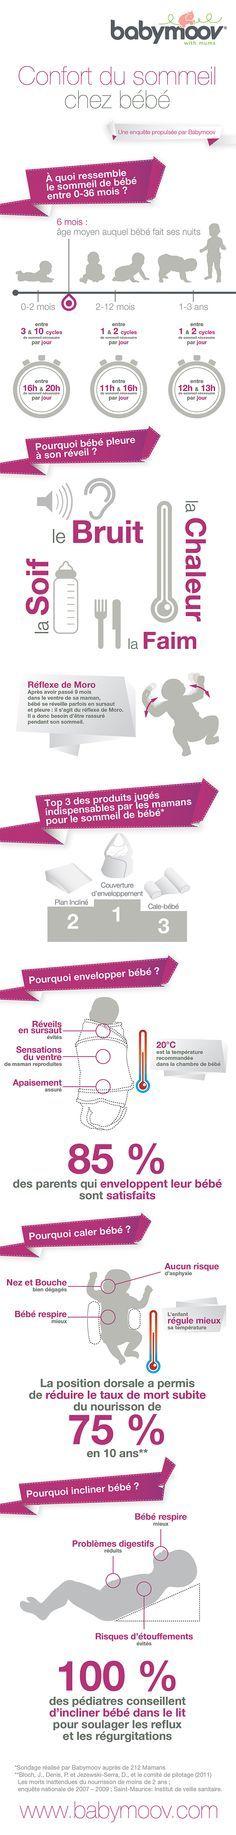 Infographie made in Babymoov sur le Confort du Sommeil de bébé.